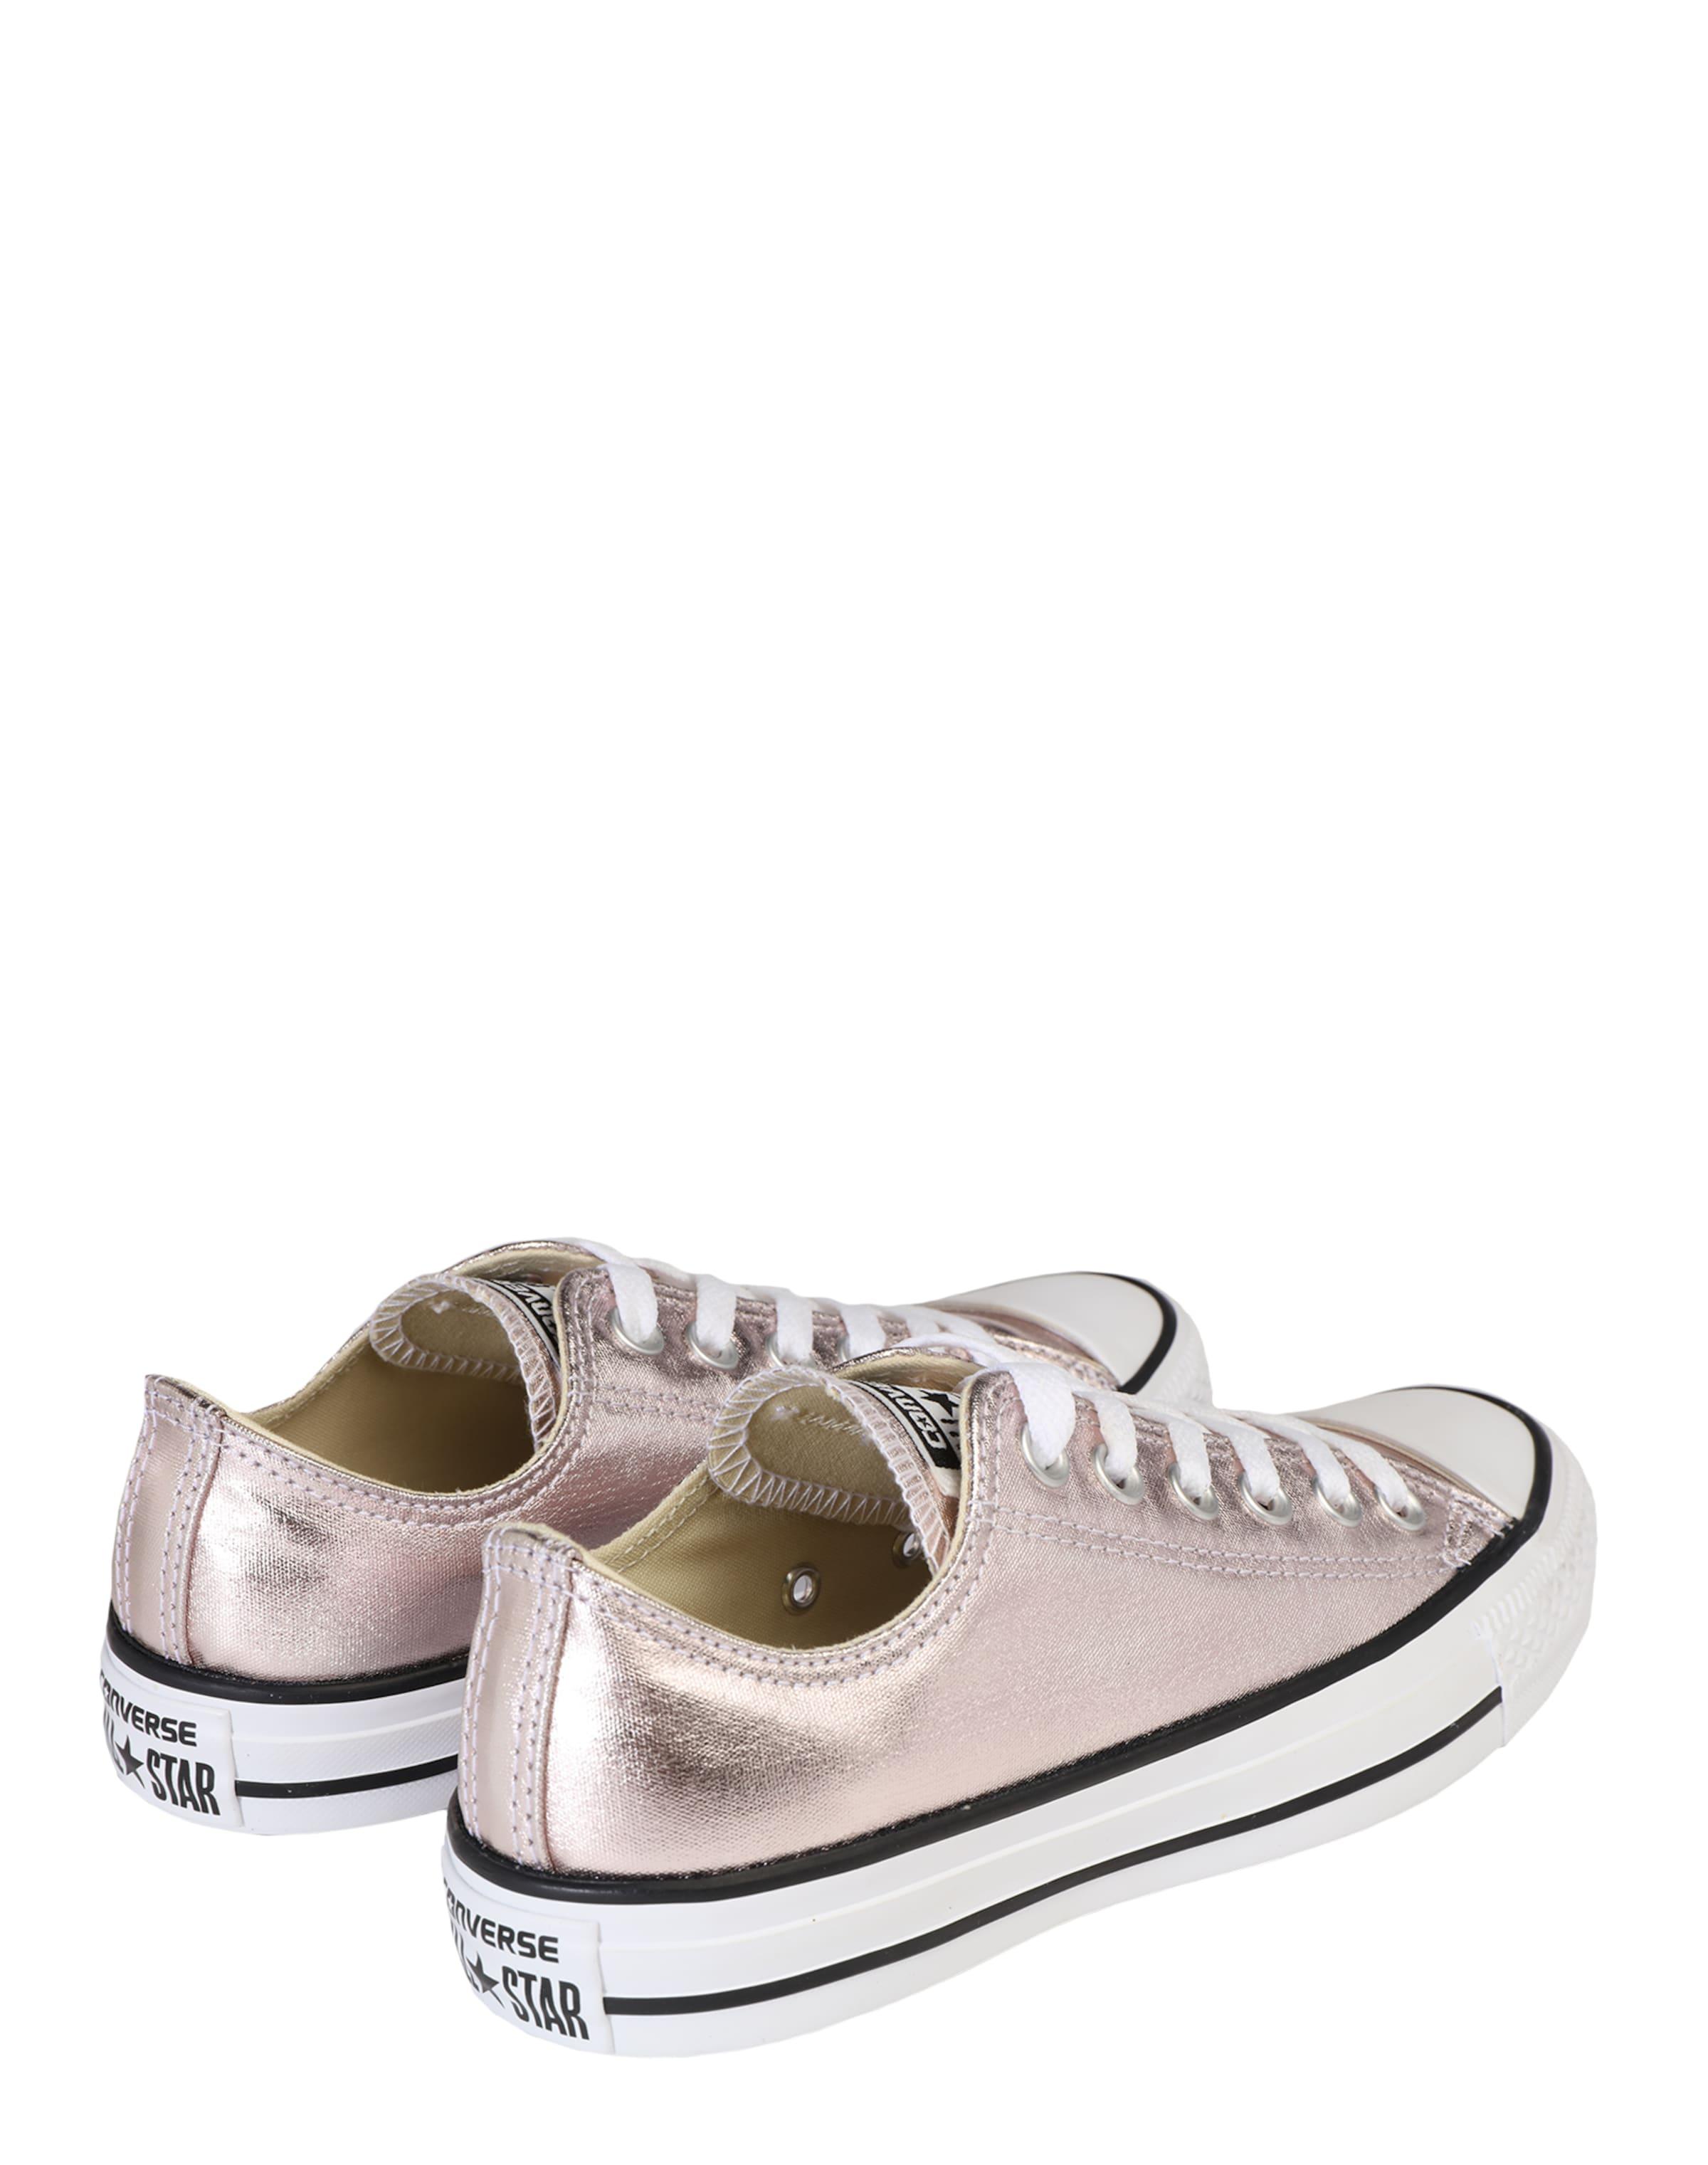 CONVERSE Metallic-Sneaker 'Chuck tailor all star' Werksverkauf Verkauf Kauf Wo Findet Man Verkauf Neueste MHCLCCfmo